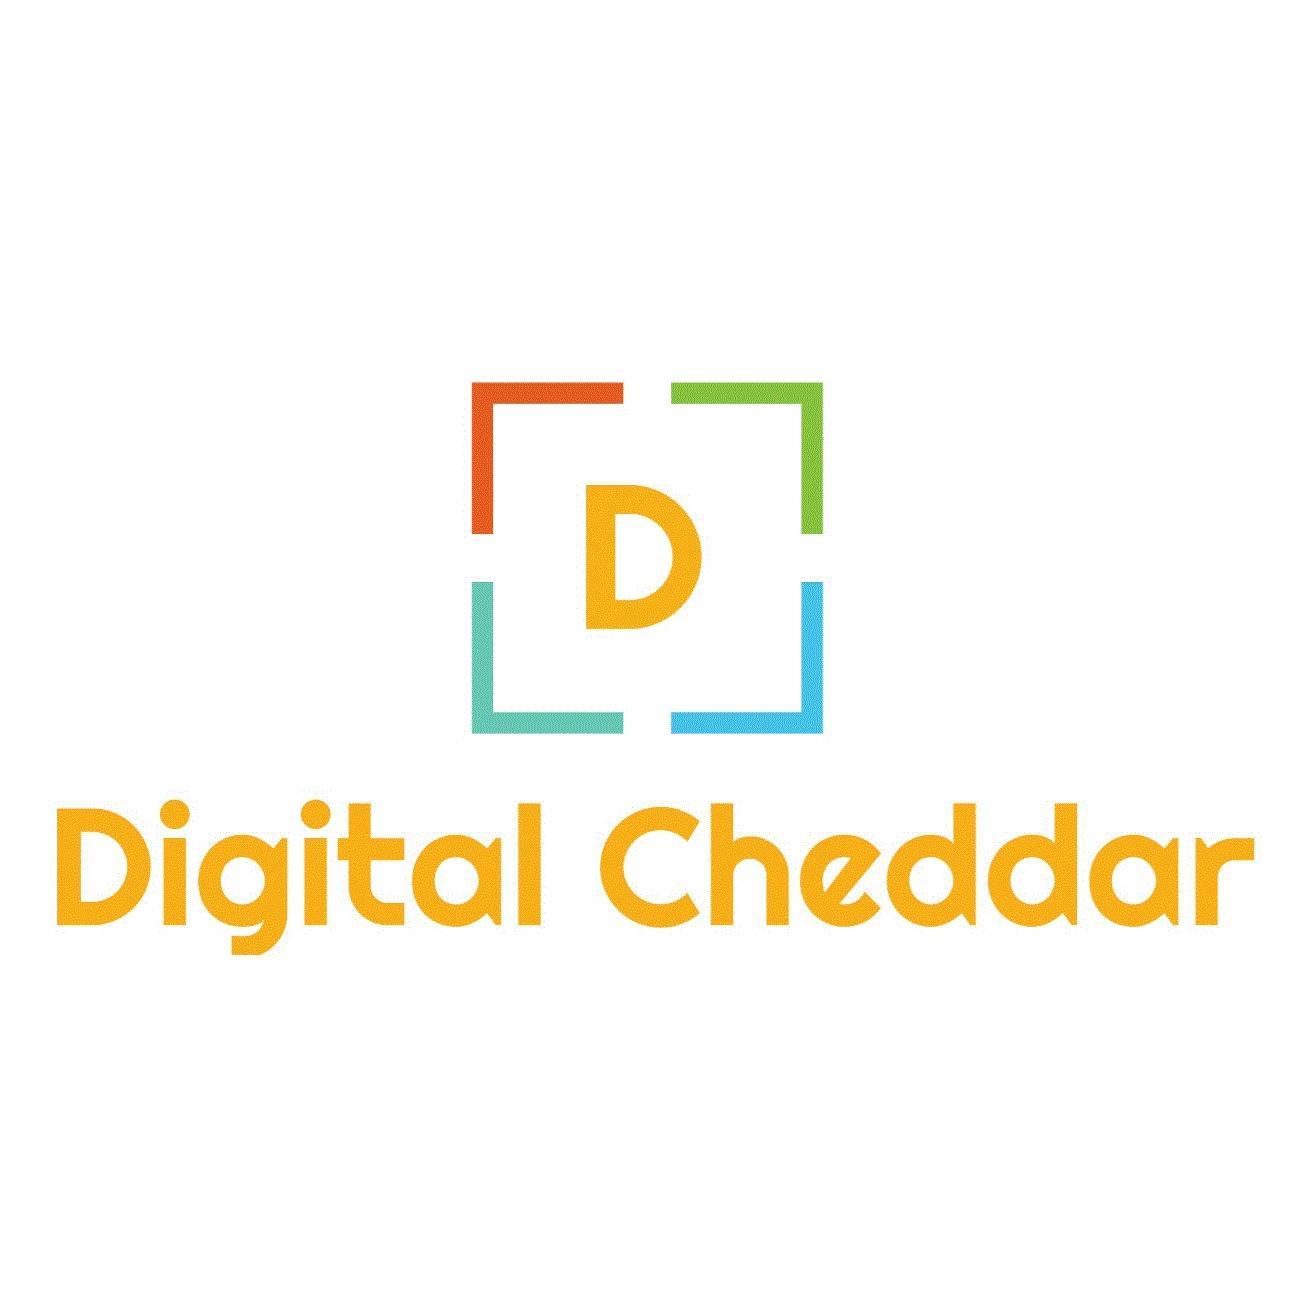 Digital Cheddar